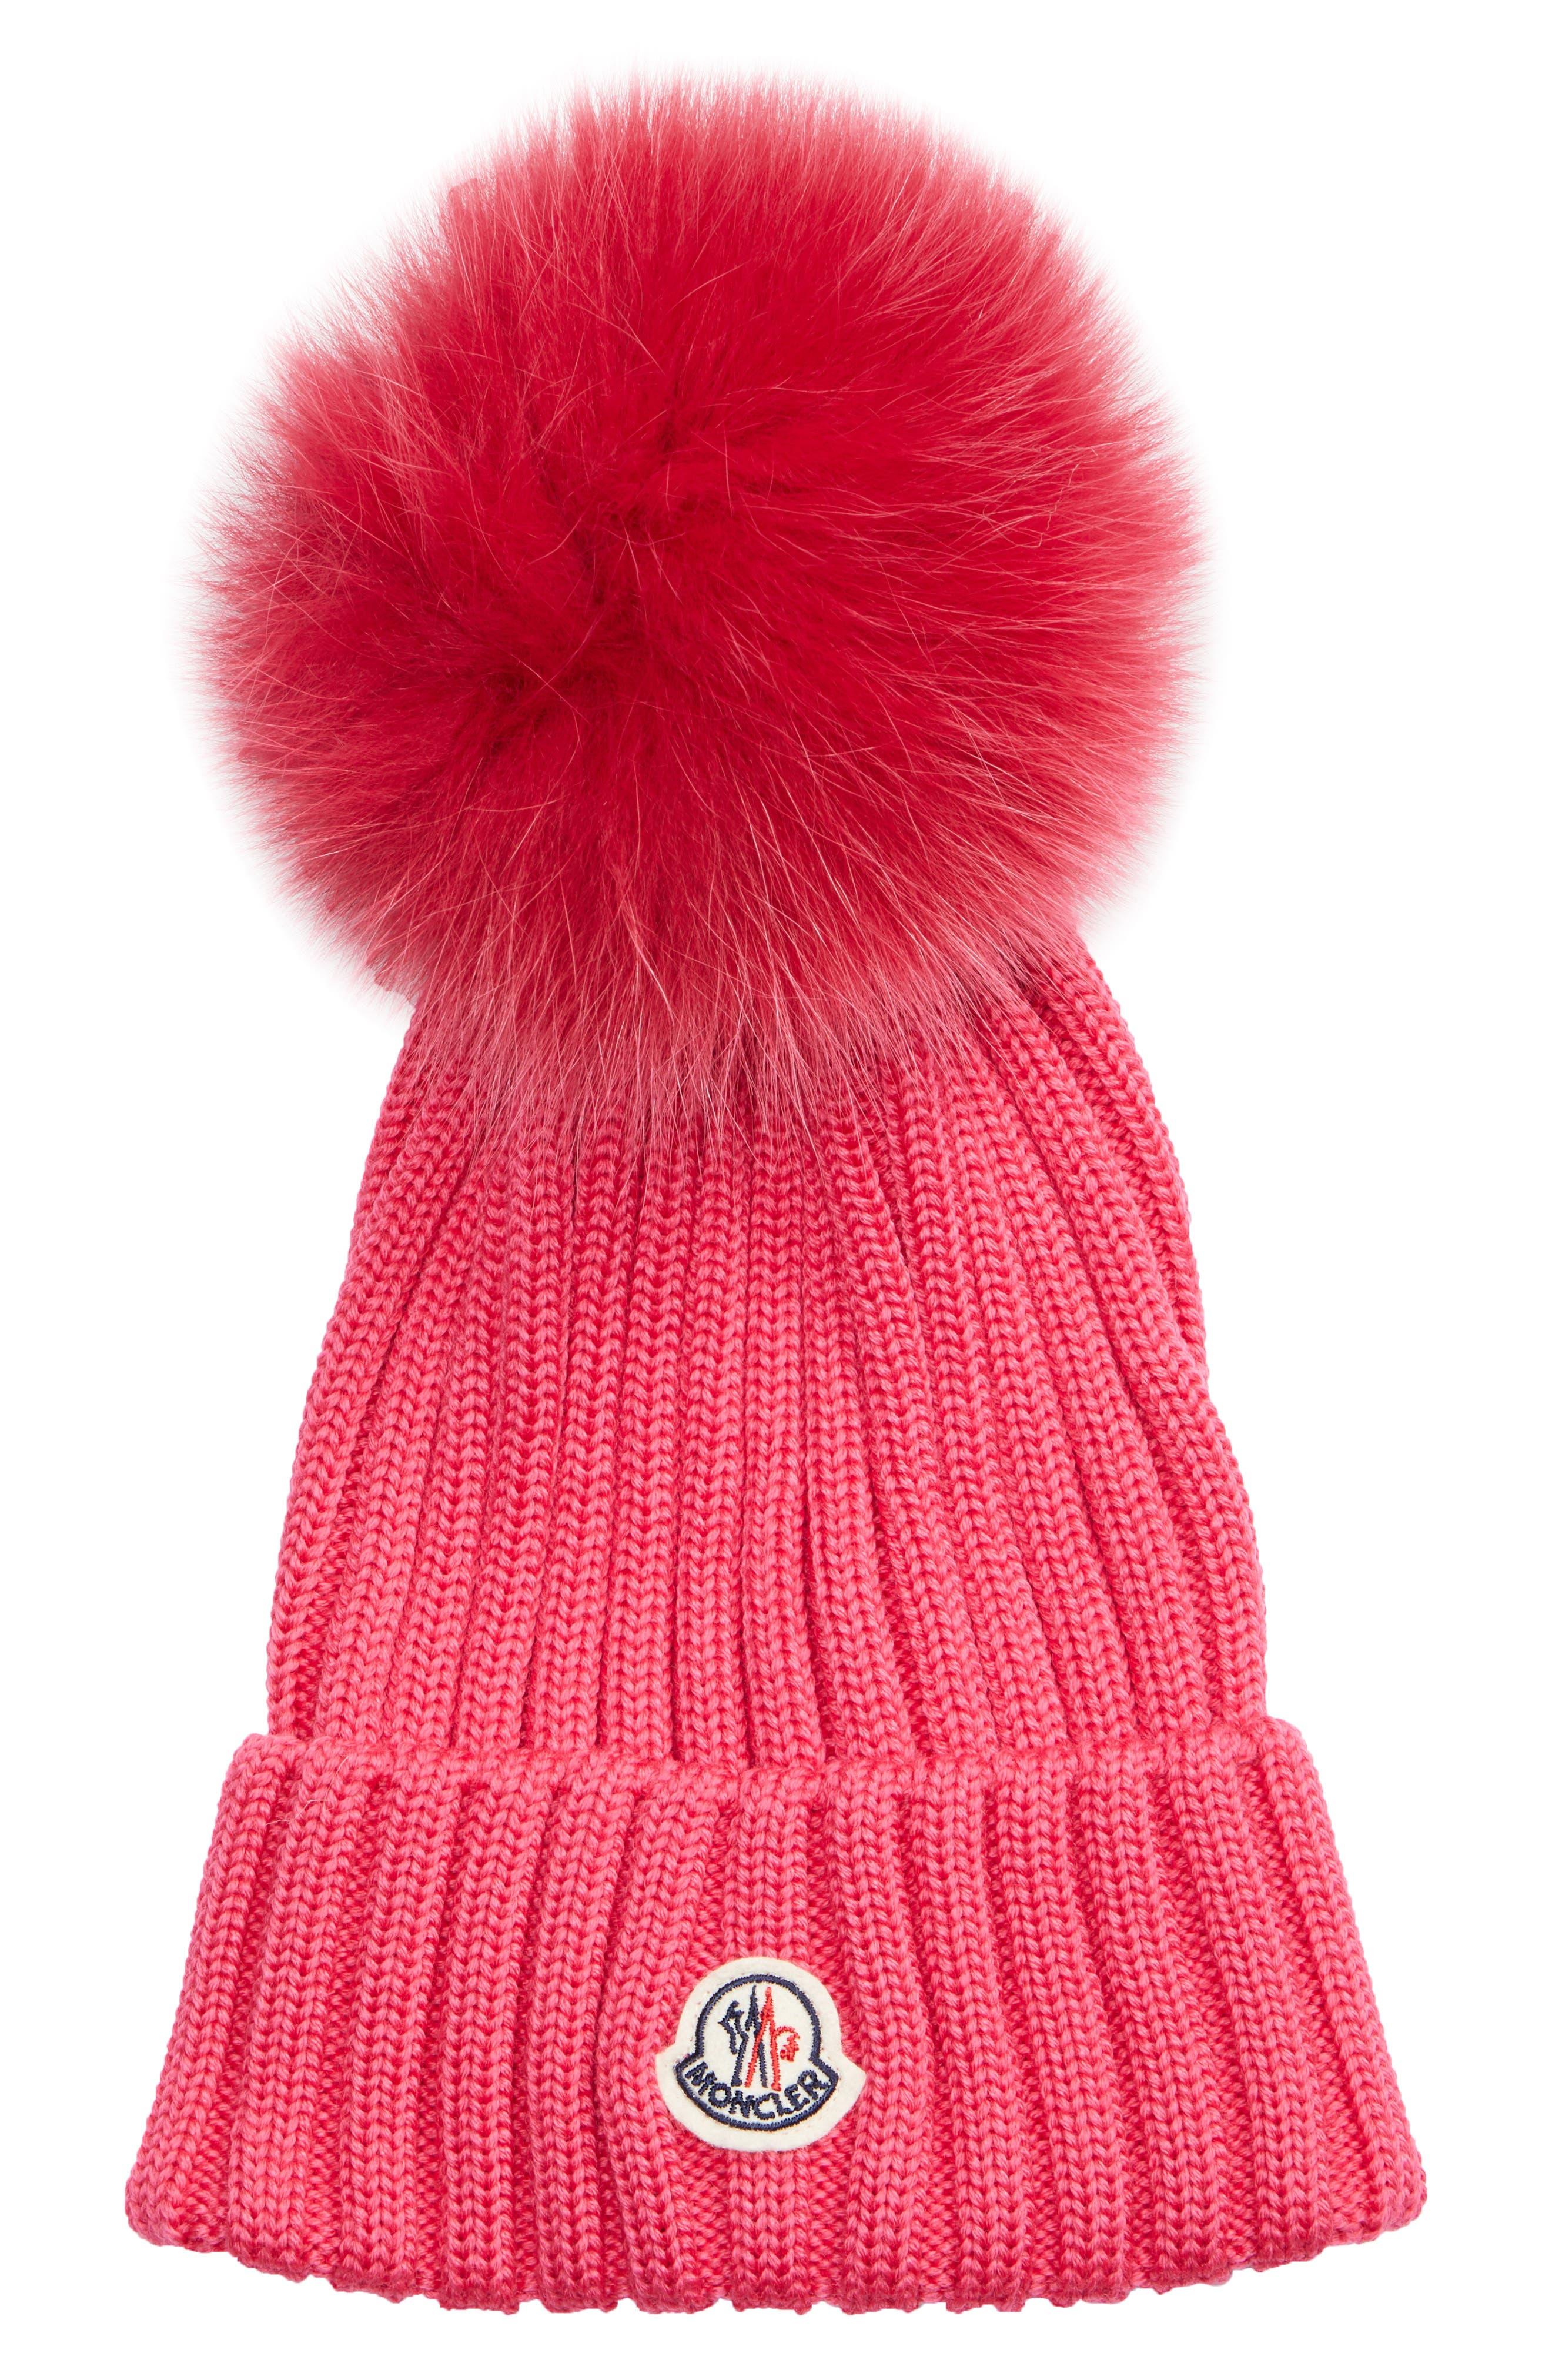 Genuine Fox Fur Pom Wool Beanie,                             Main thumbnail 1, color,                             FUSCHIA